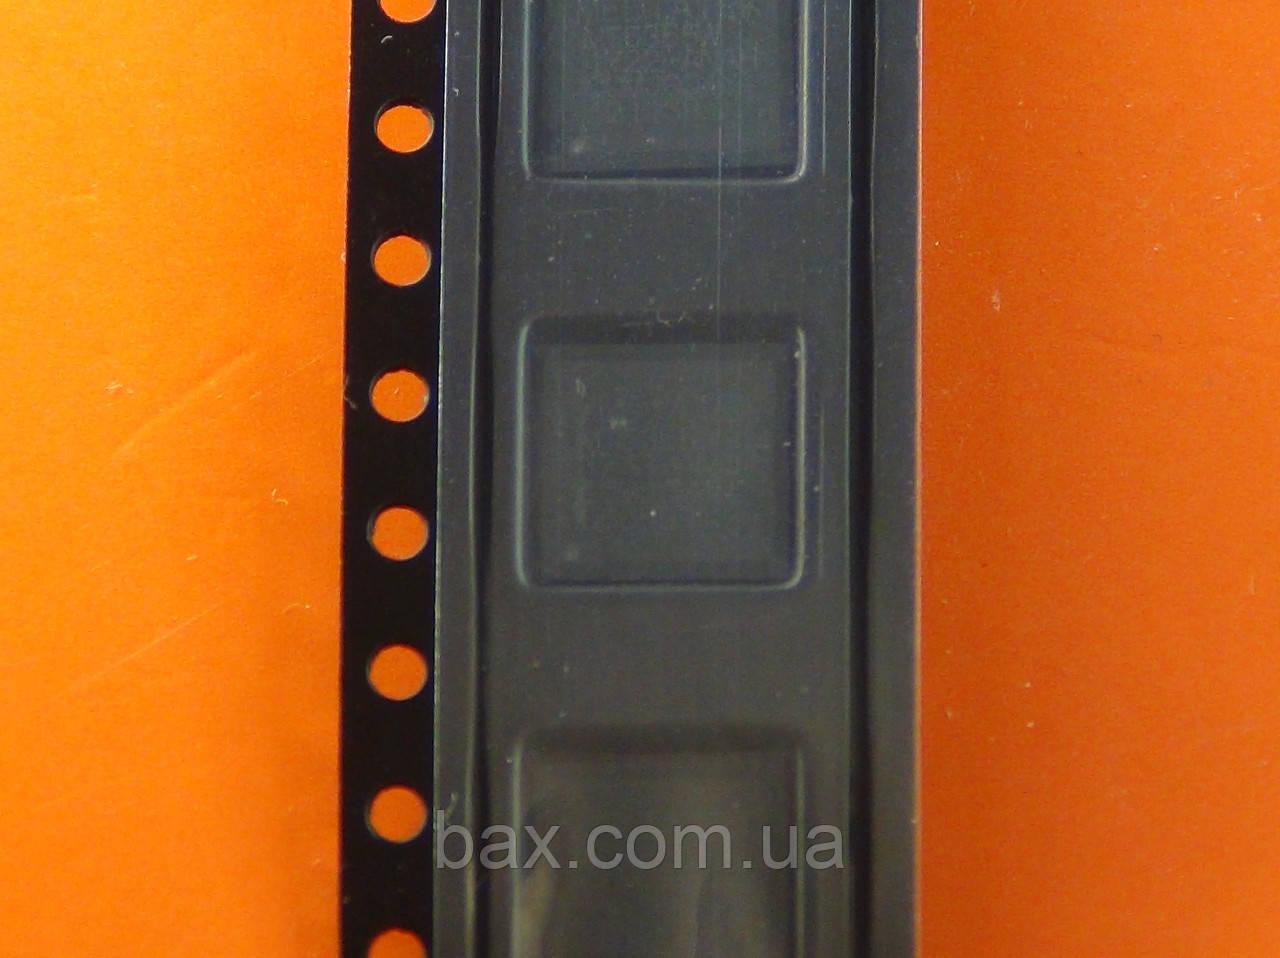 Микросхема контроллер питания MT6177W Новый в упаковке